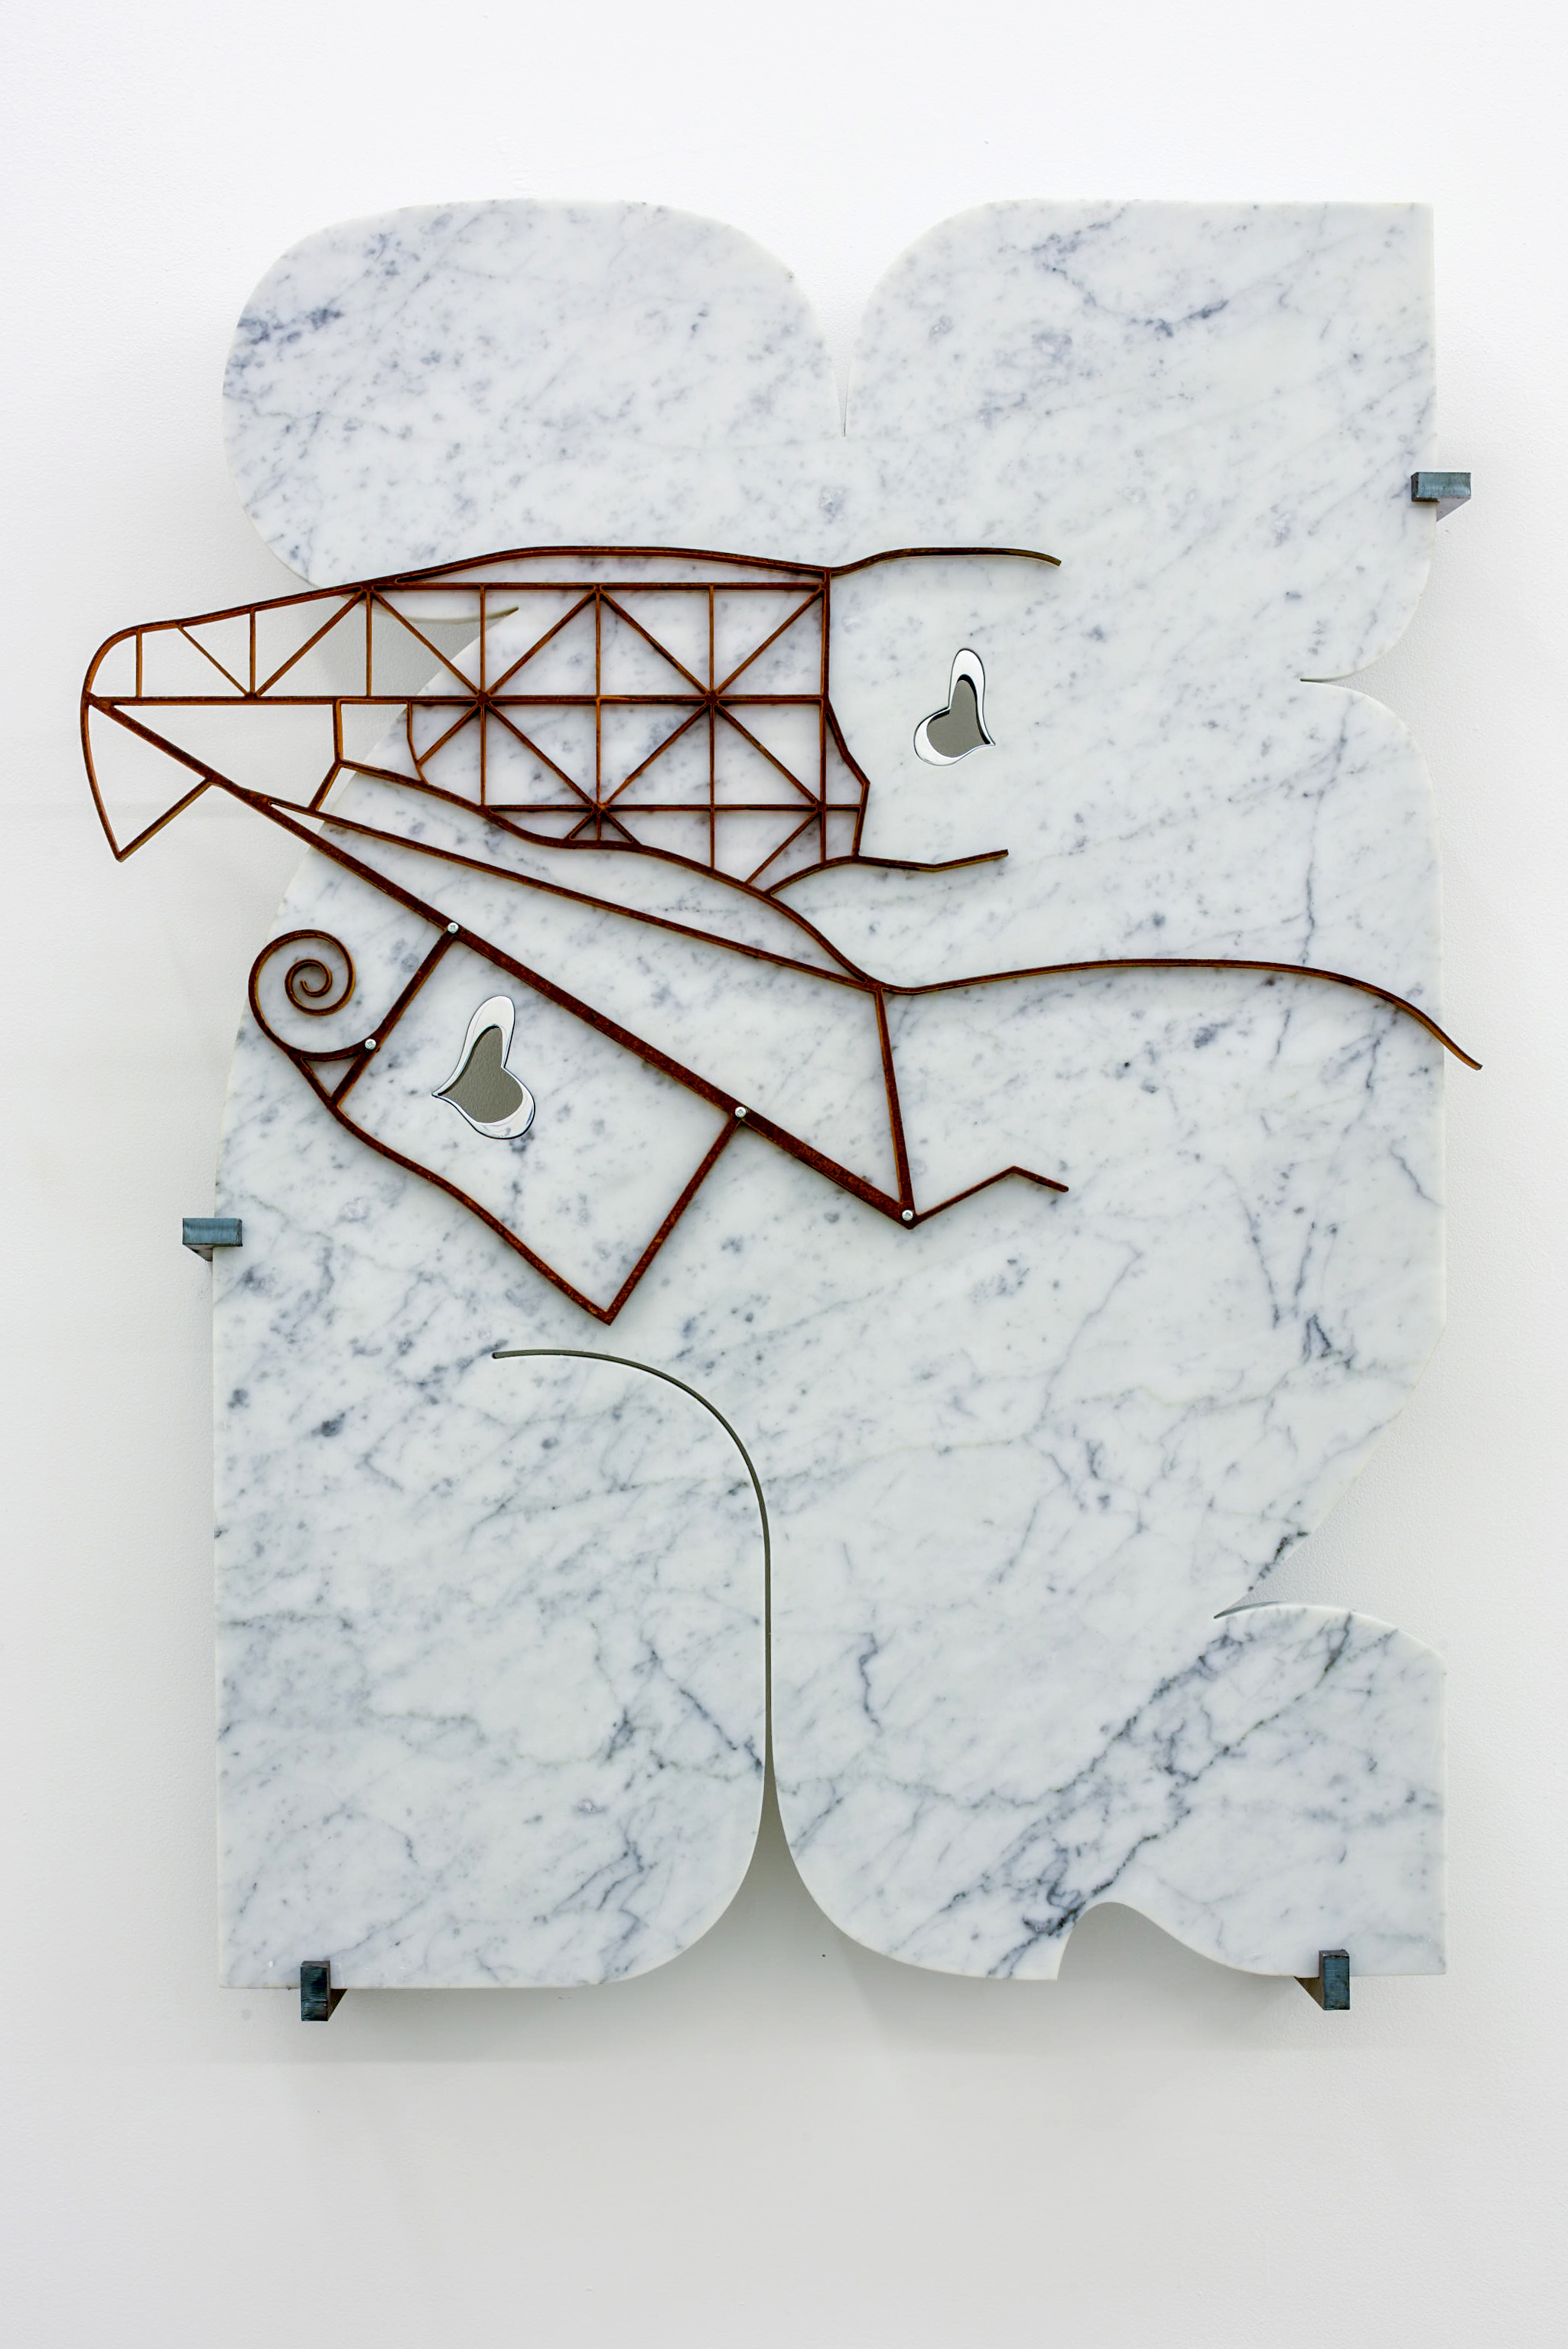 George Henry Longly,  A Trophic Cascade in the making , 2015, Waterjet cut marble, waterjet cut steel, steel brackets, 80 x 55 x 10 cm, courtesy the artist and Koppe Astner, Glasgow